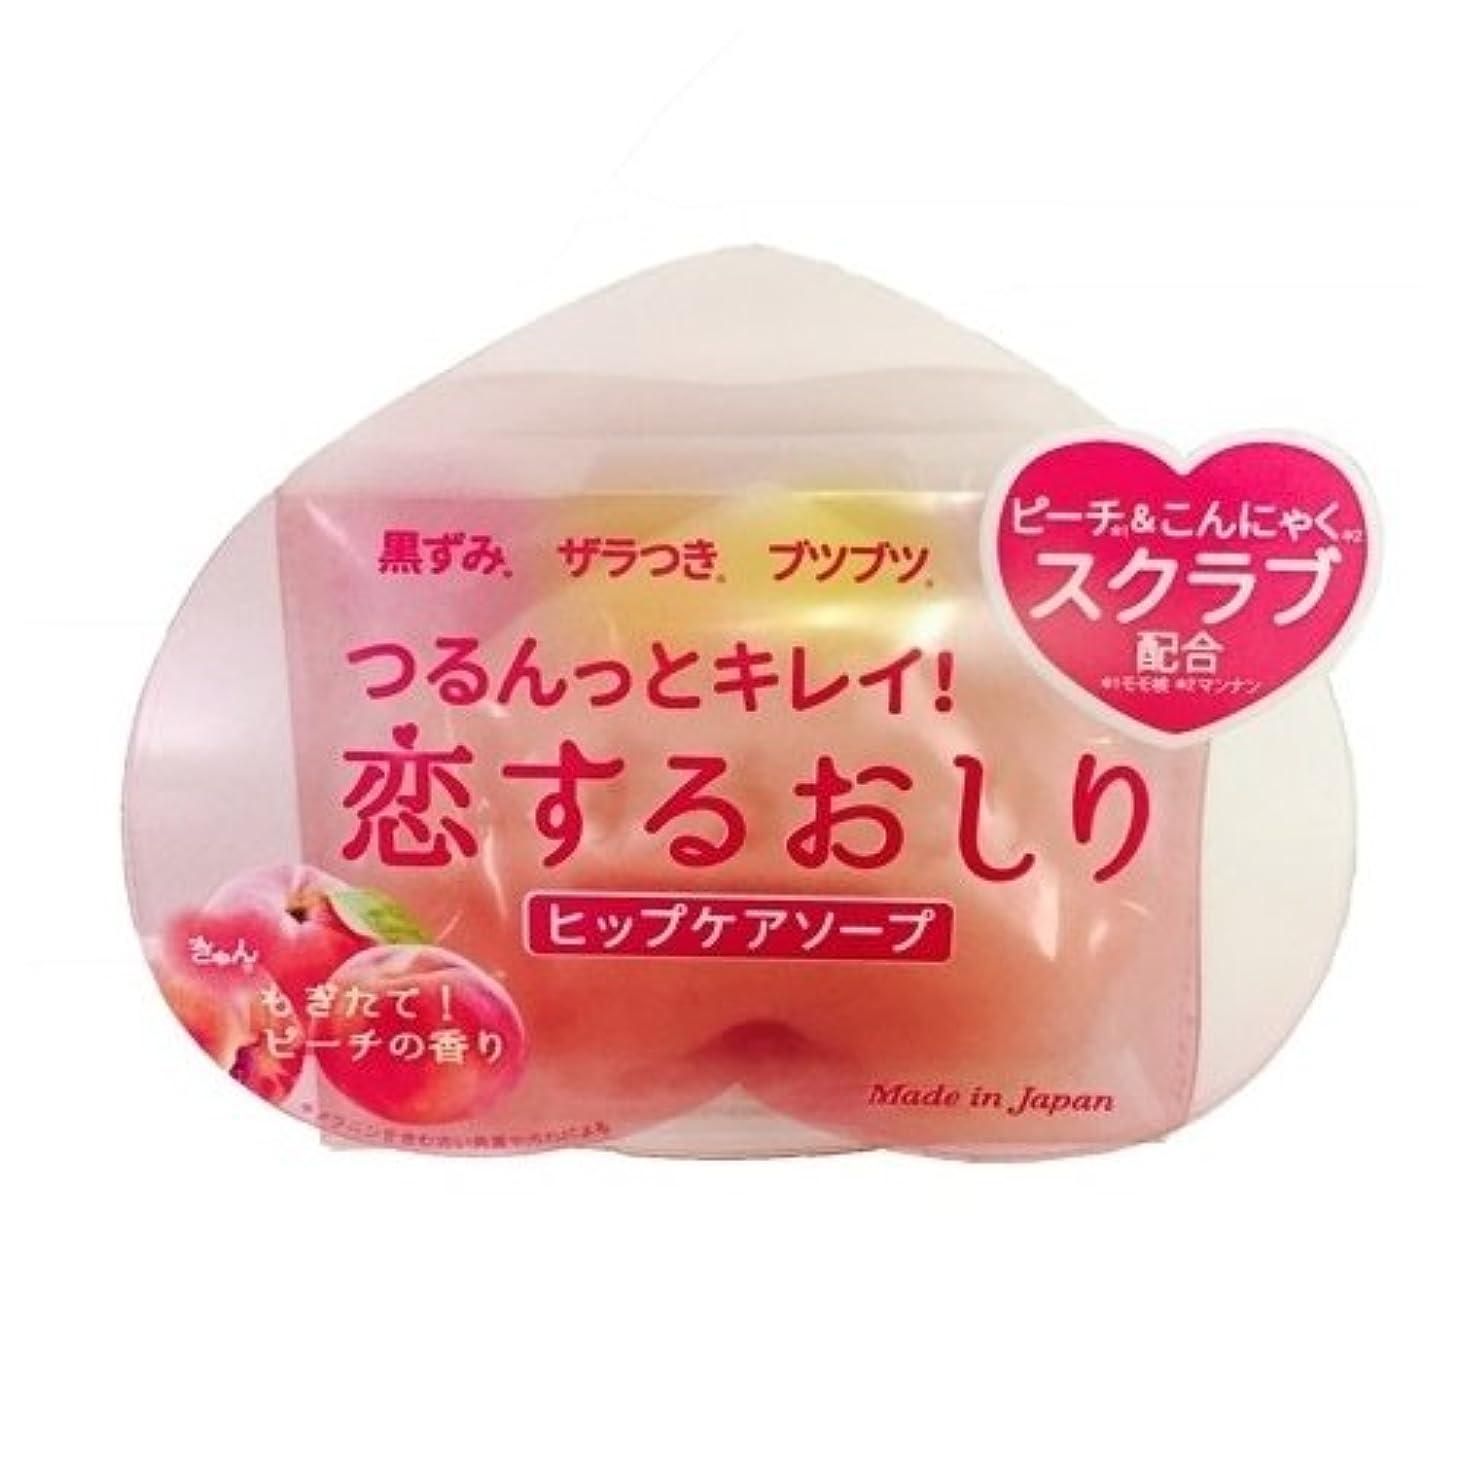 倉庫逆にジョガーペリカン石鹸 恋するおしり ヒップケアソープ 単品 80g